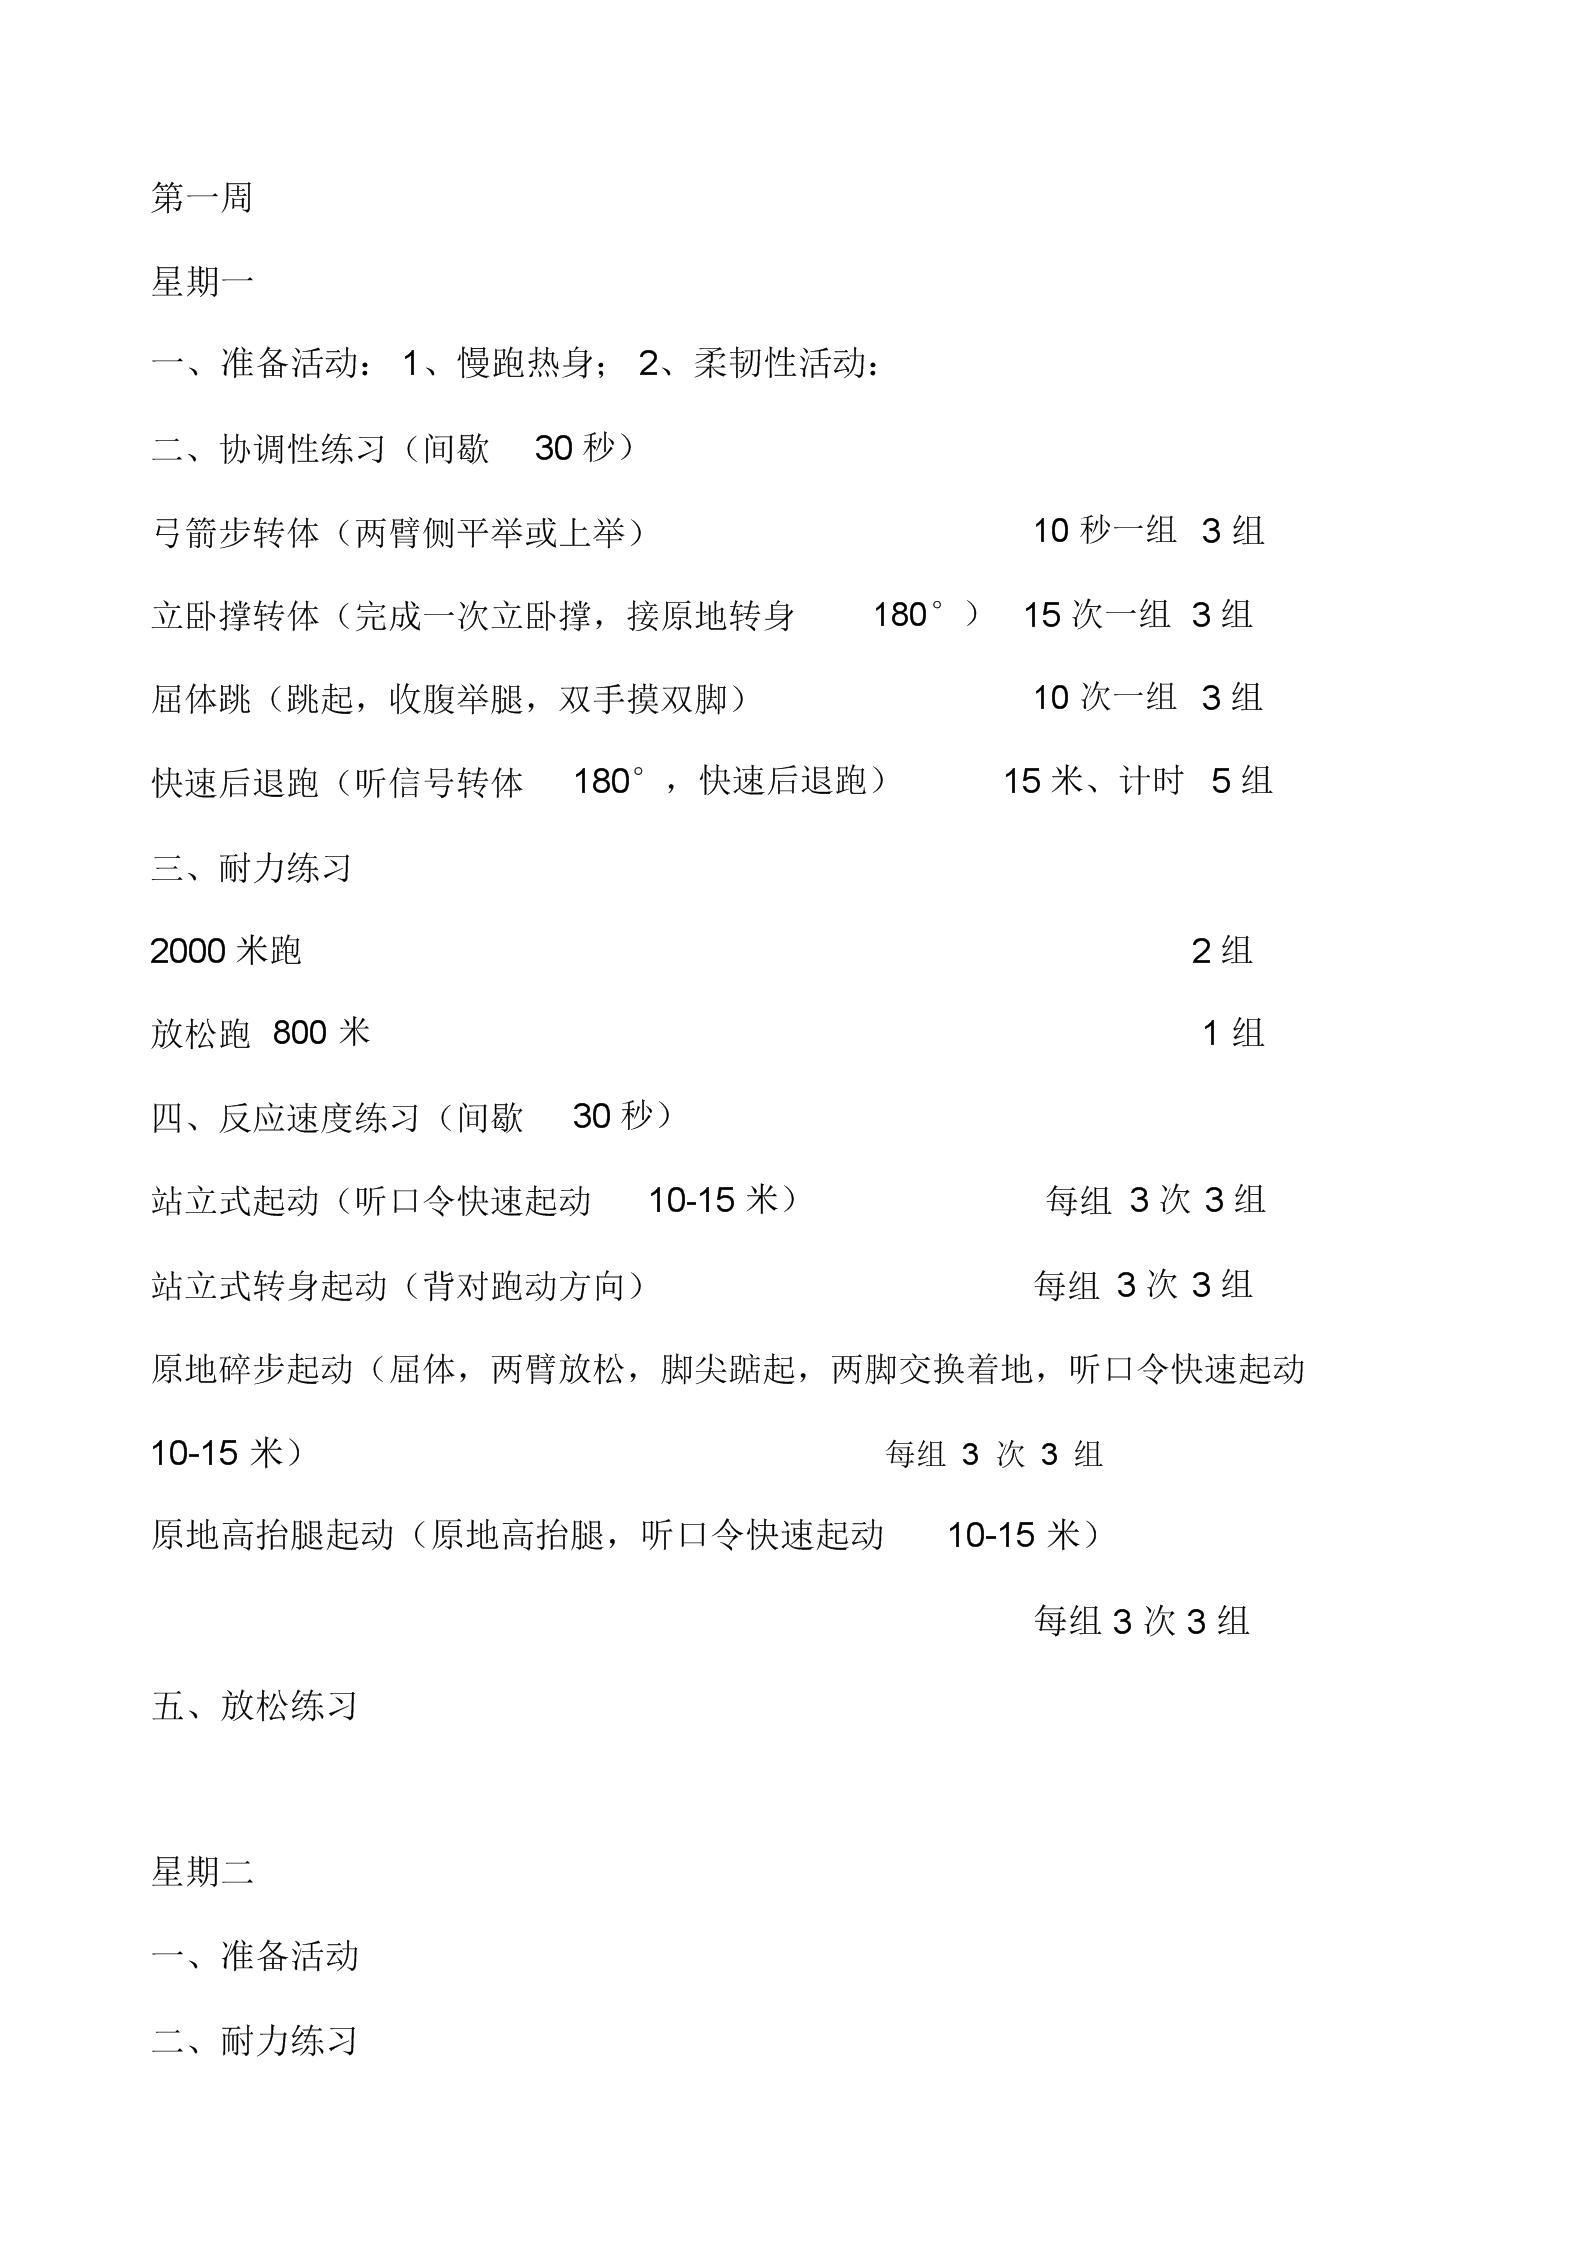 精选高中体育特长生身体素质训练计划.docx